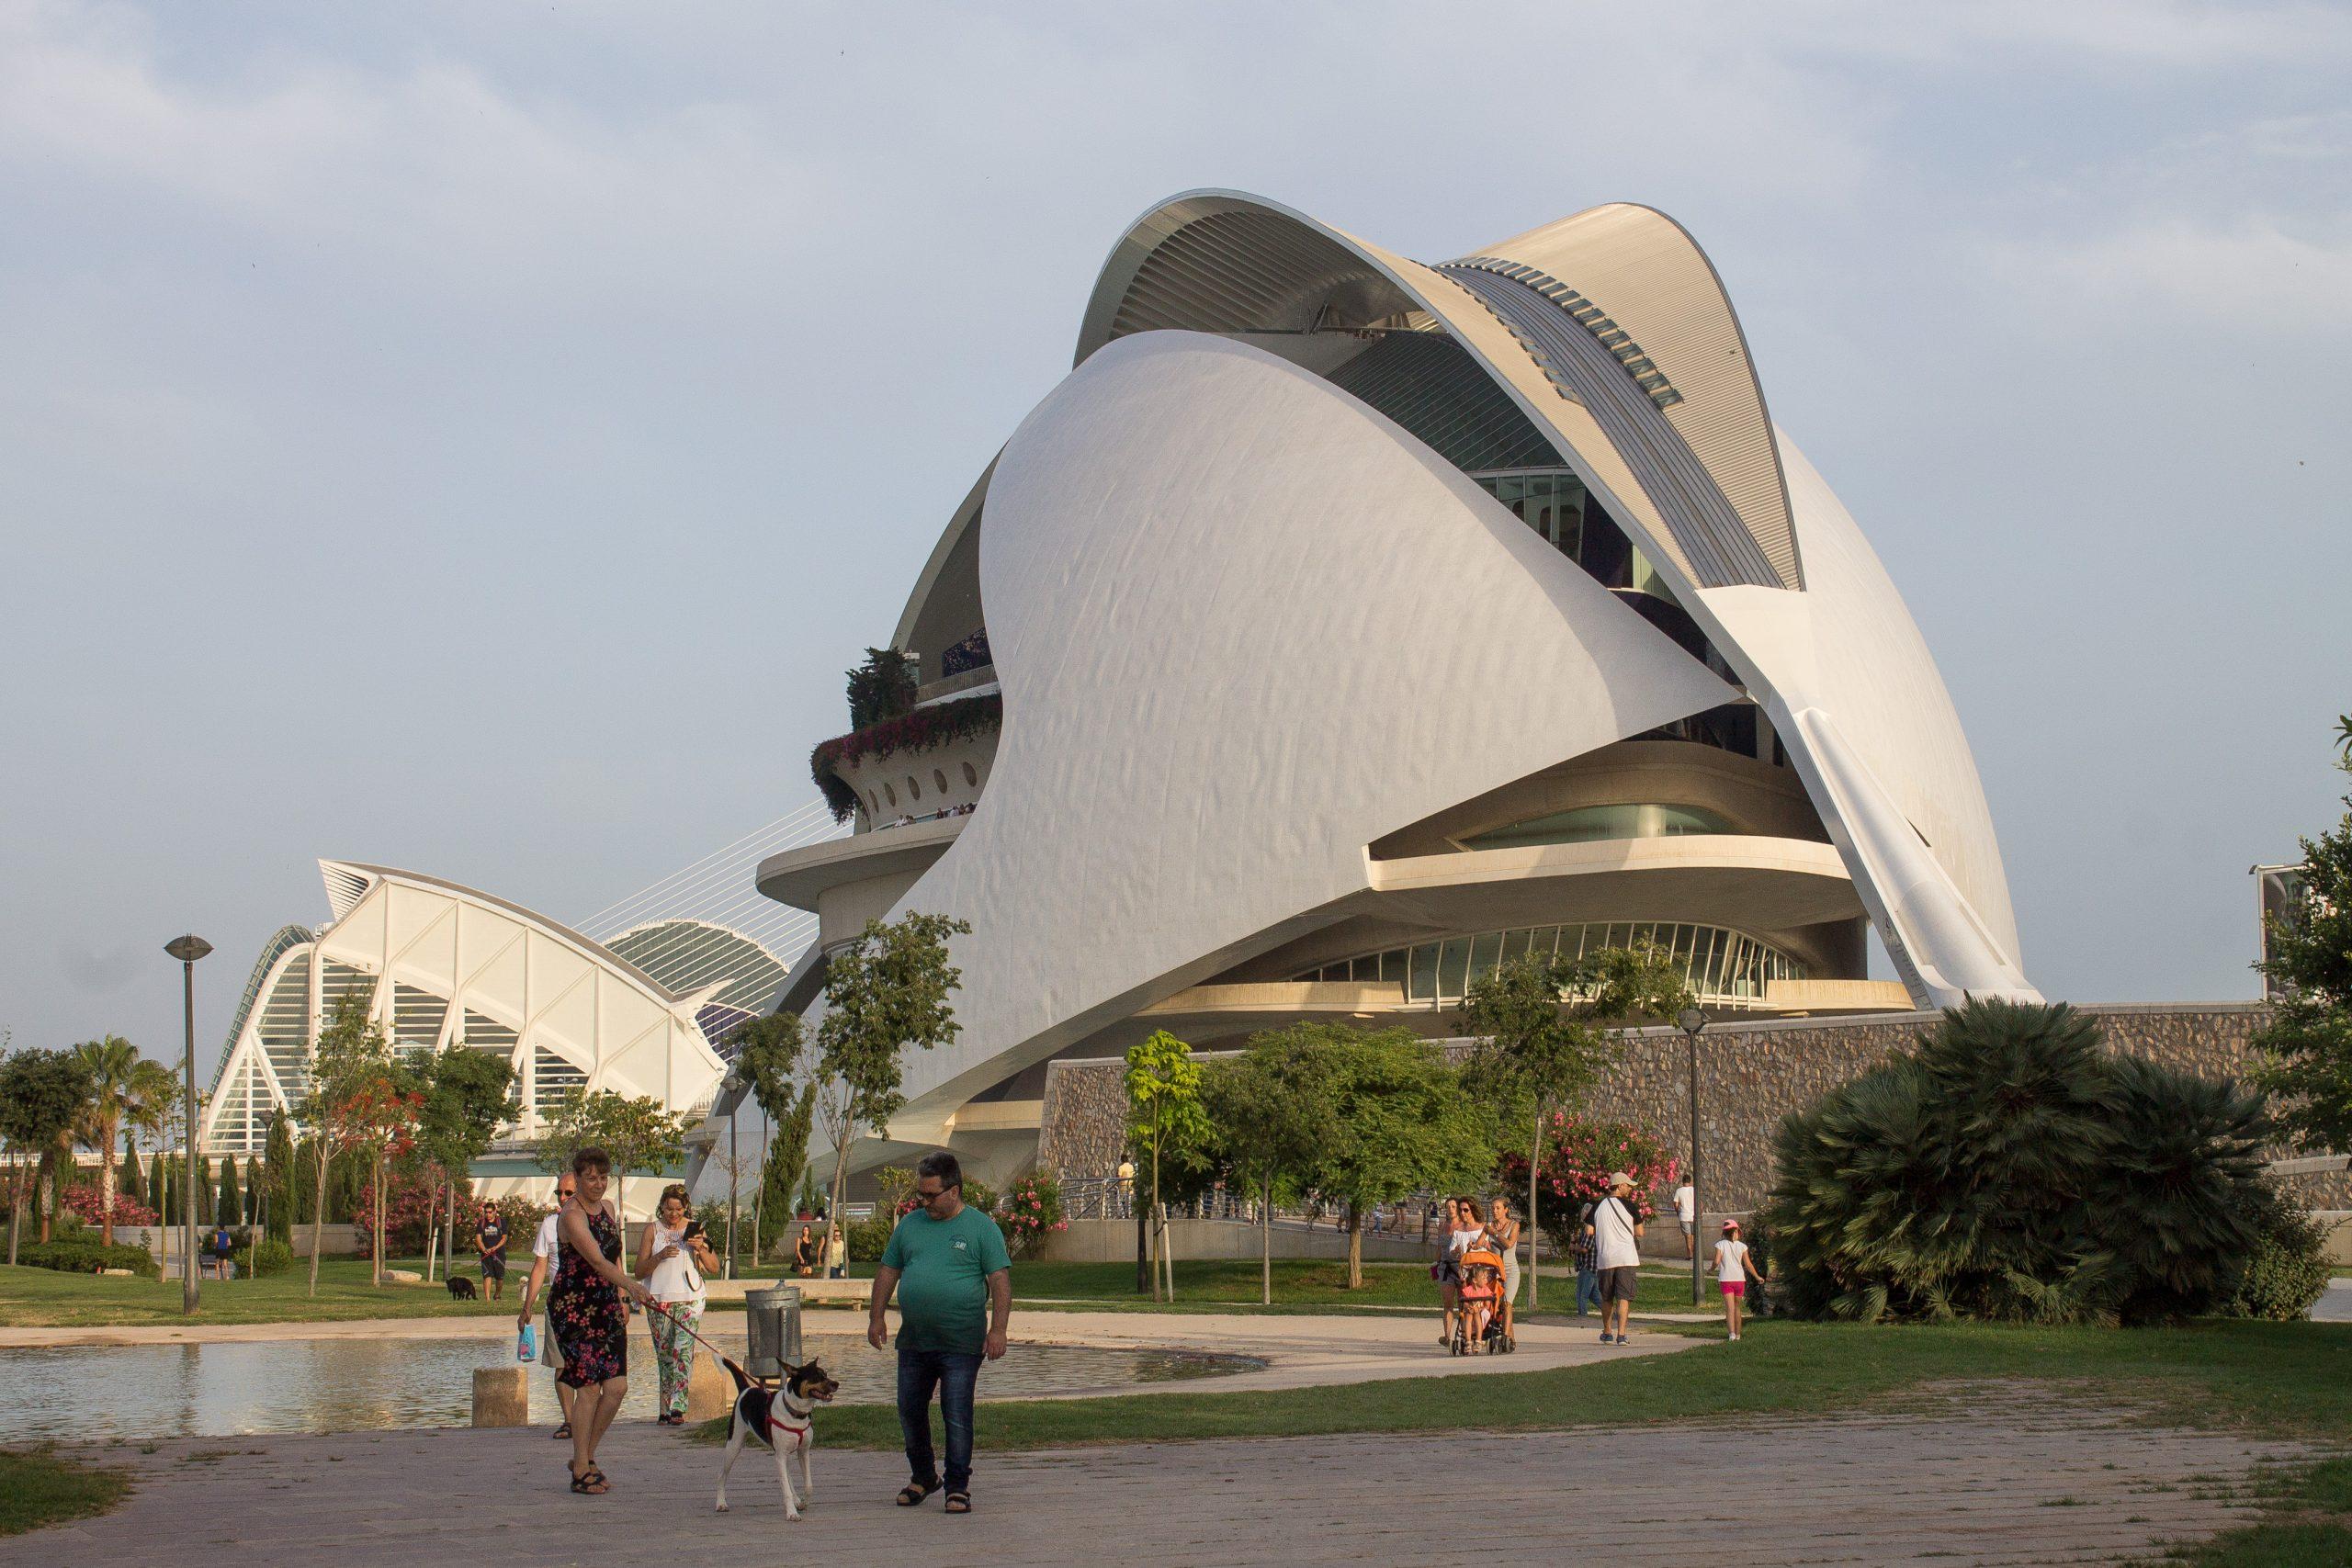 Opera dome at ciutat de artes y ciencias in valencia